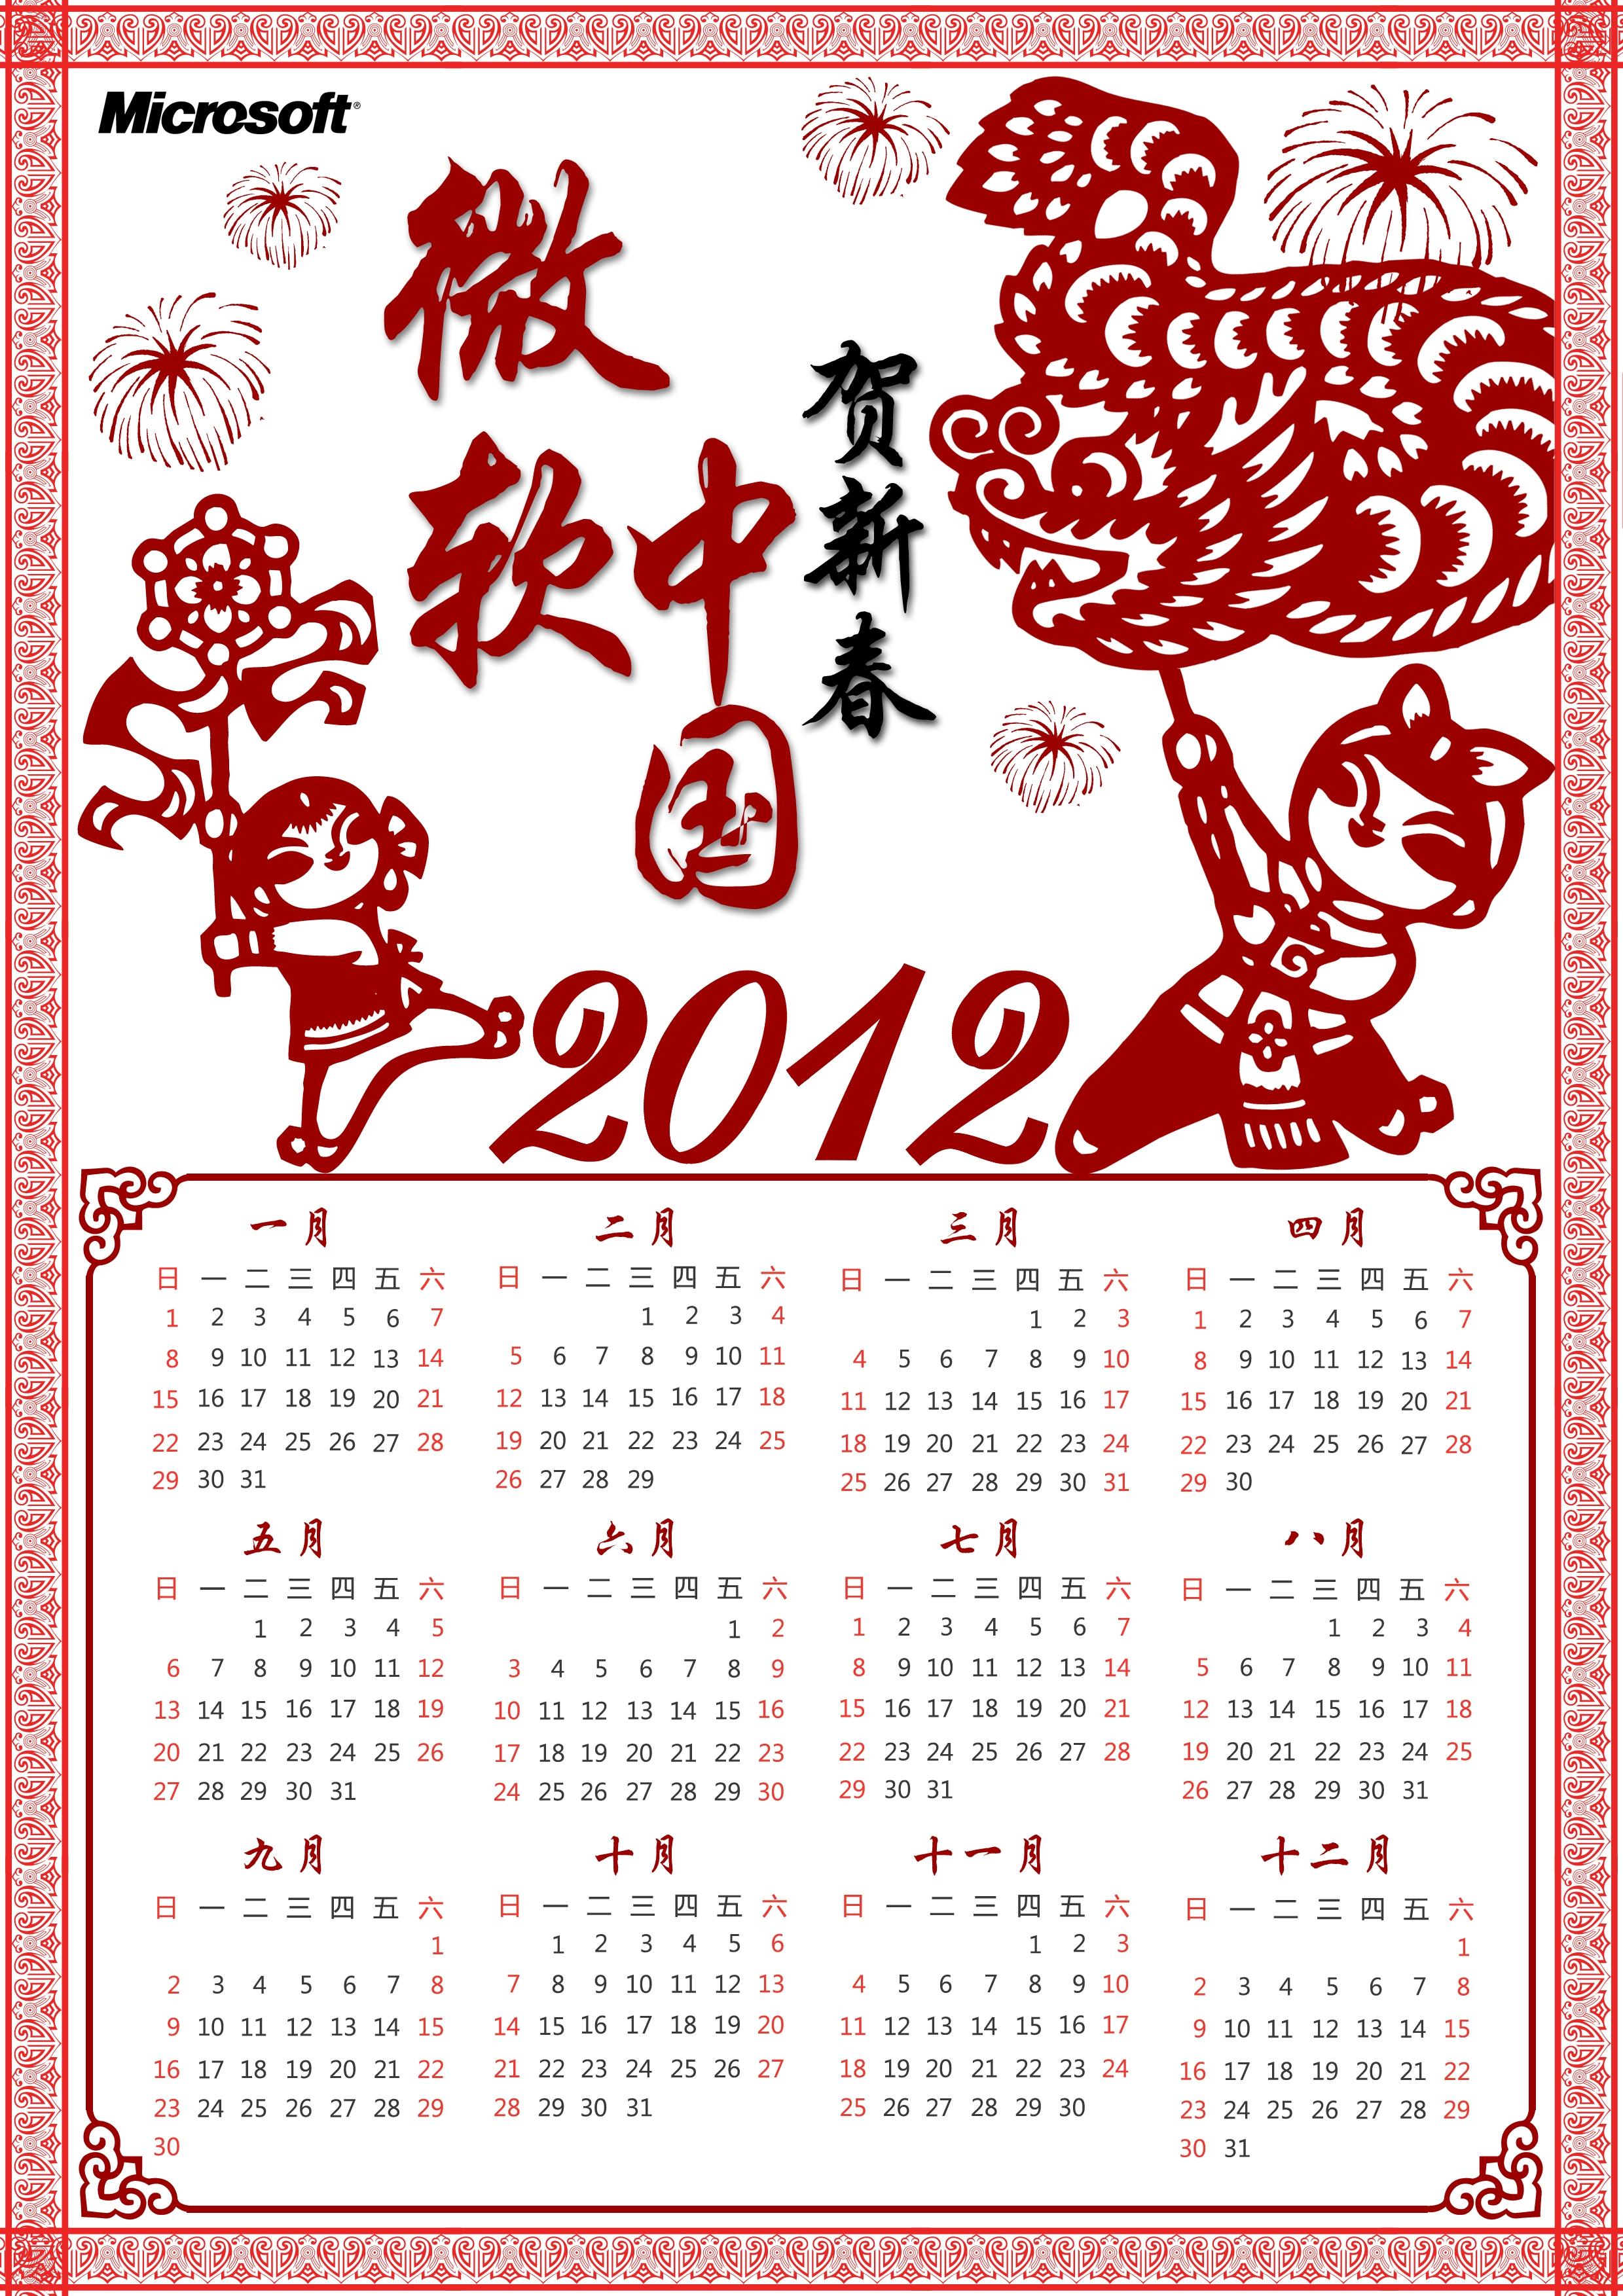 2014年日历表全年-孤独的行者笔记本专用横屏壁纸图片